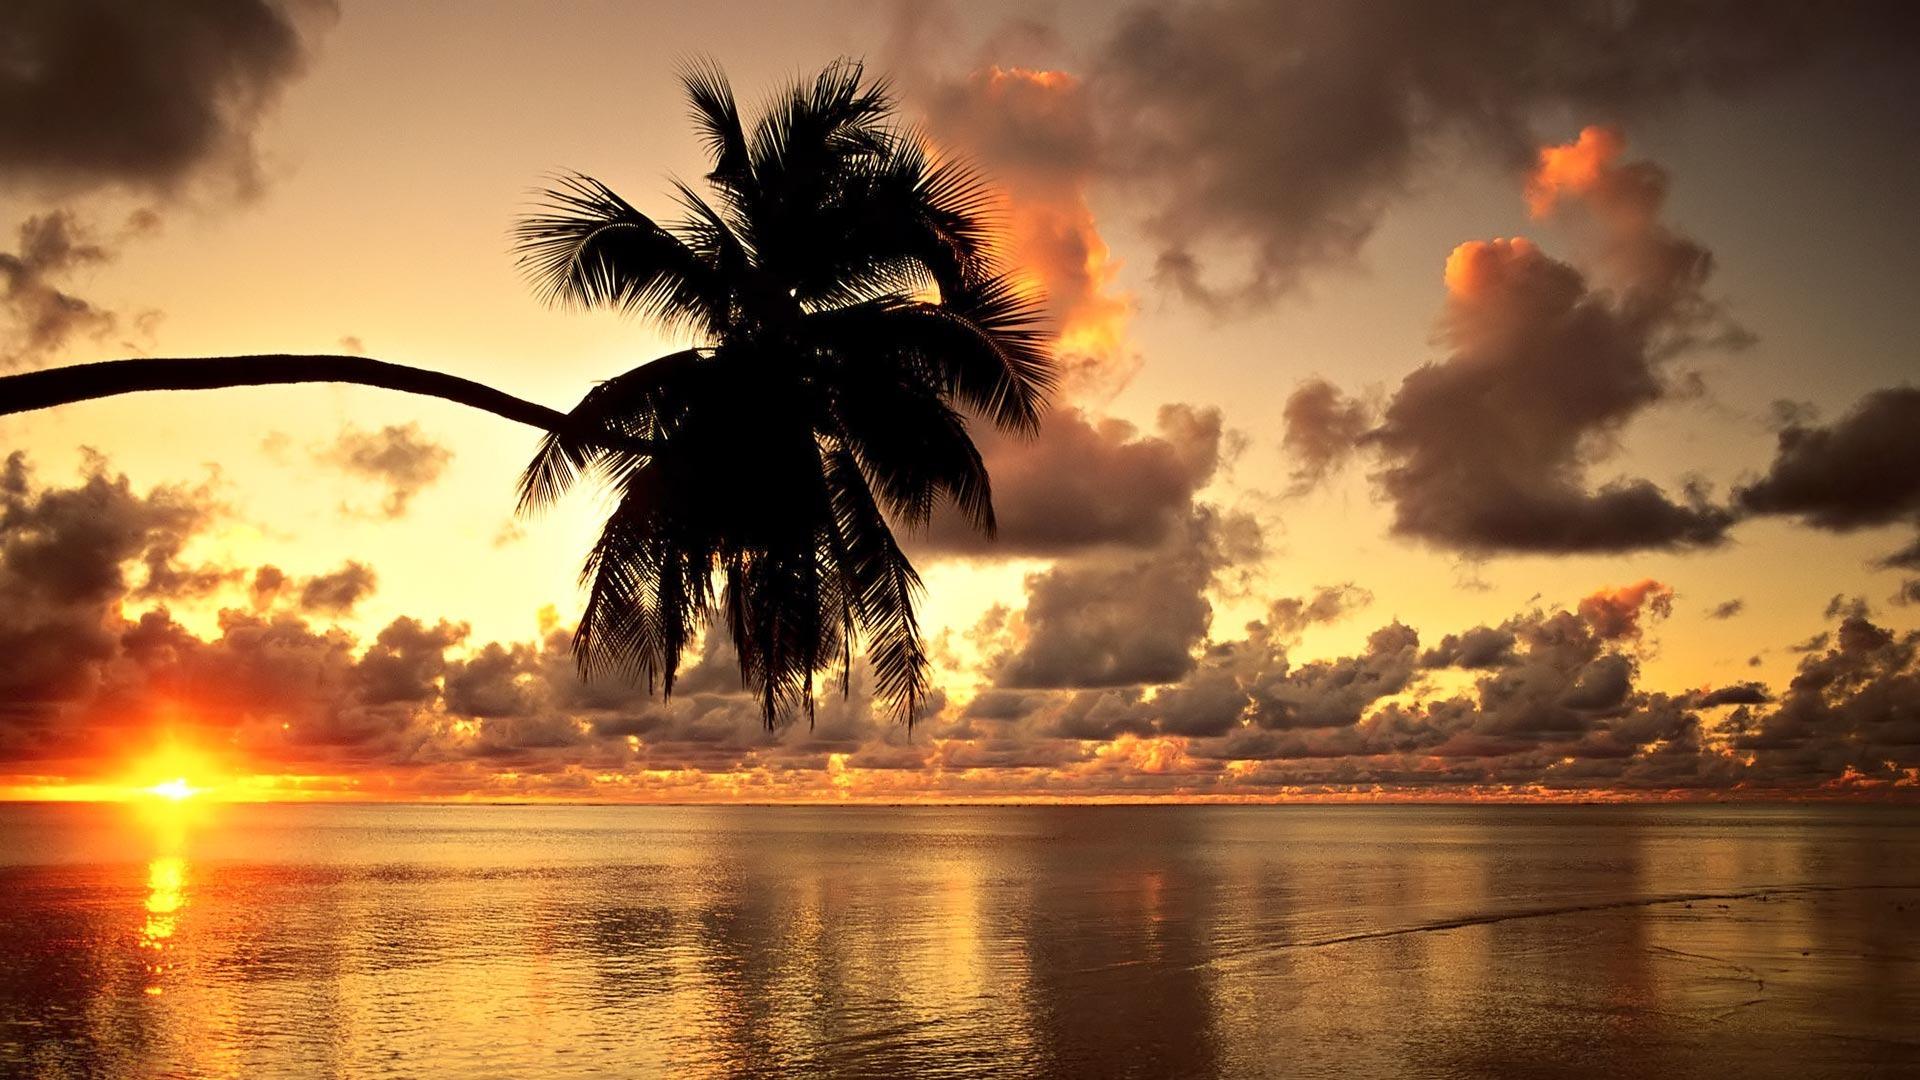 Beautiful Hawaii Sunset Wallpaper HD 4 High Resolution Wallpaper Full 1920x1080